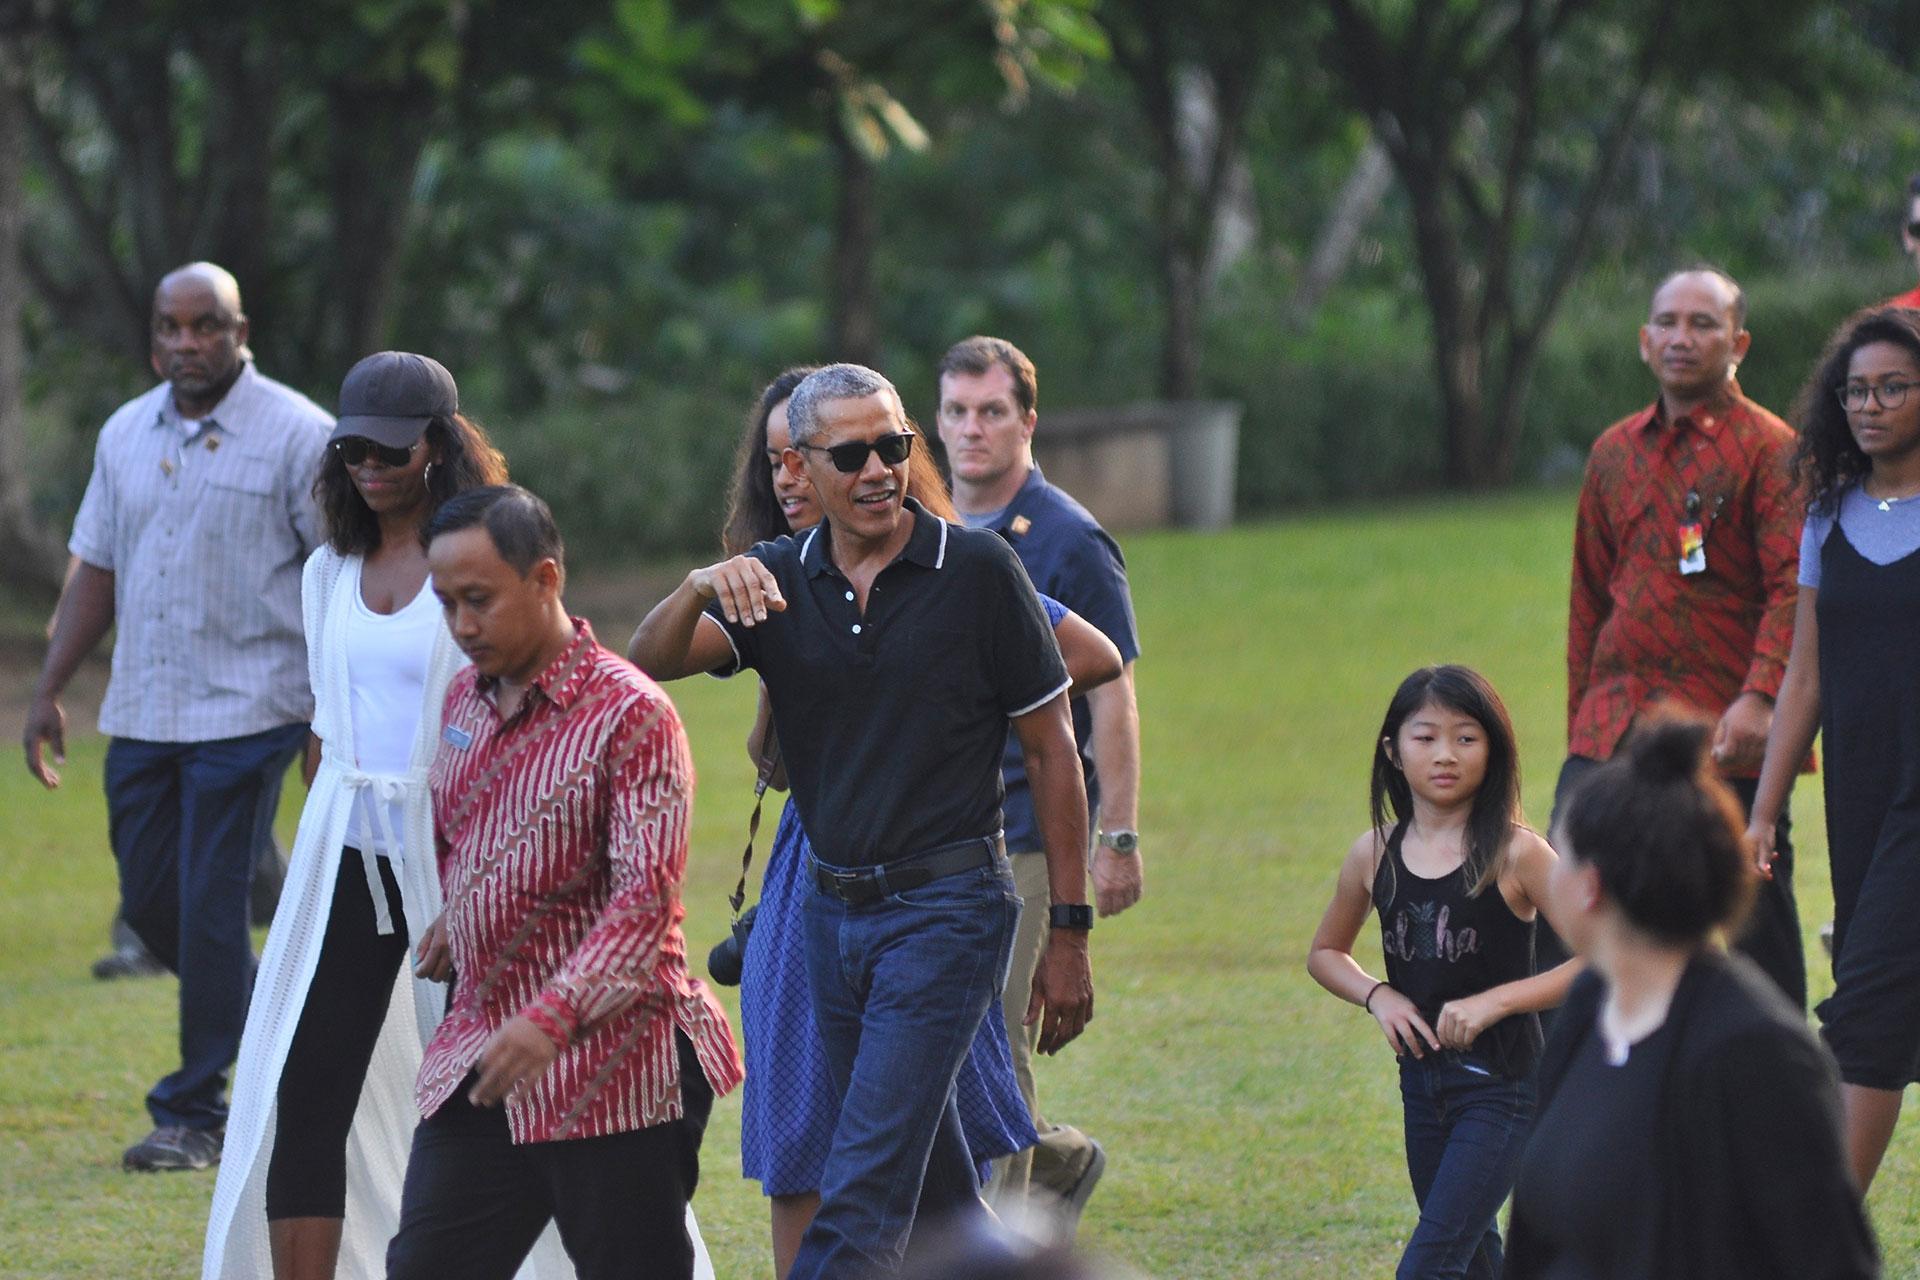 La familia tiene programado pasar 10 días en el país (AFP)